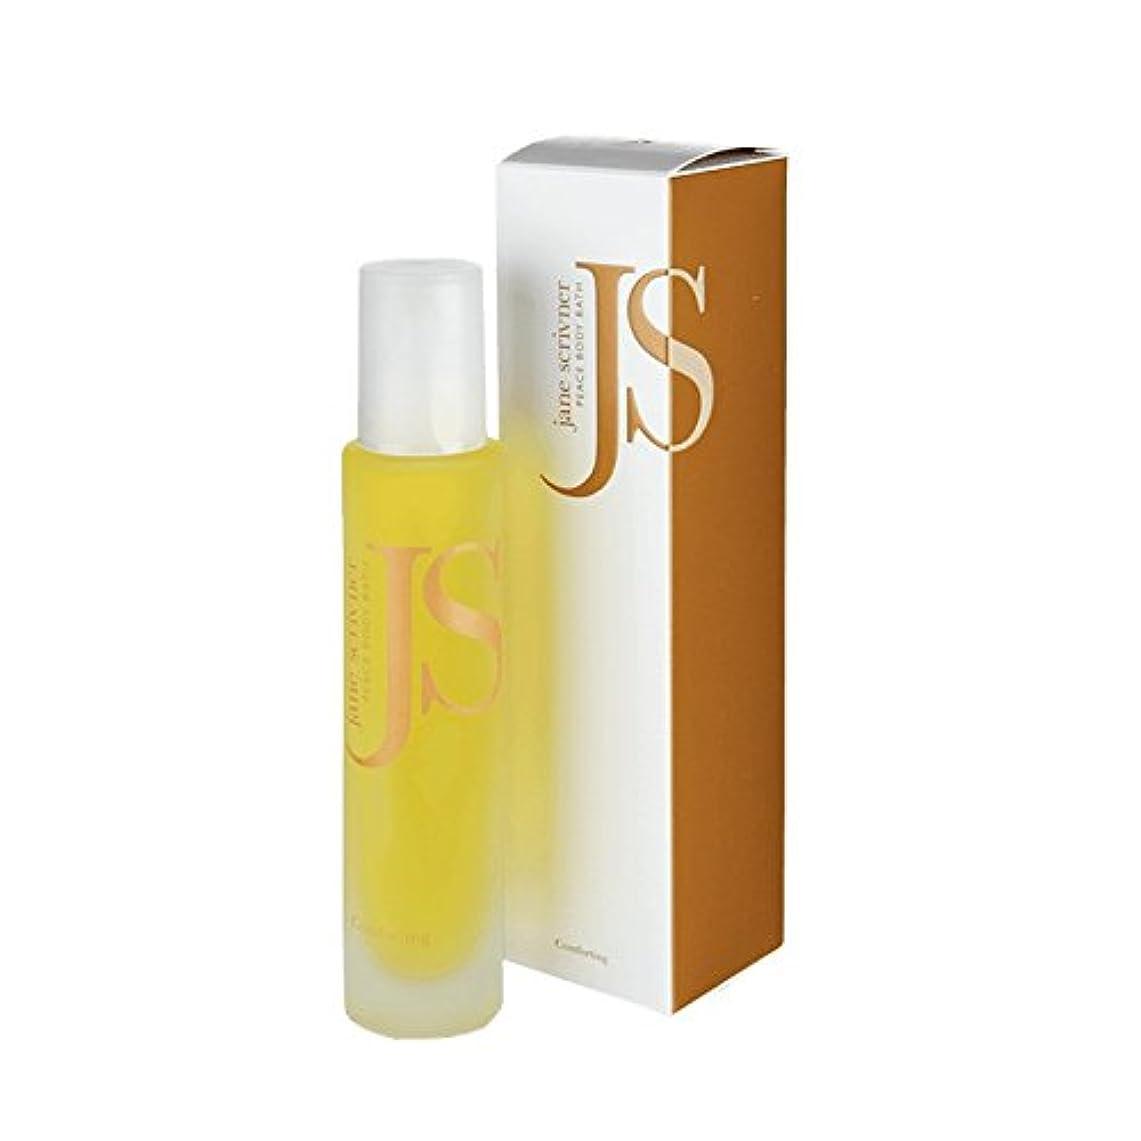 アルプスエミュレーション要求ジェーンScrivnerボディバスオイル平和100ミリリットル - Jane Scrivner Body Bath Oil Peace 100ml (Jane Scrivner) [並行輸入品]